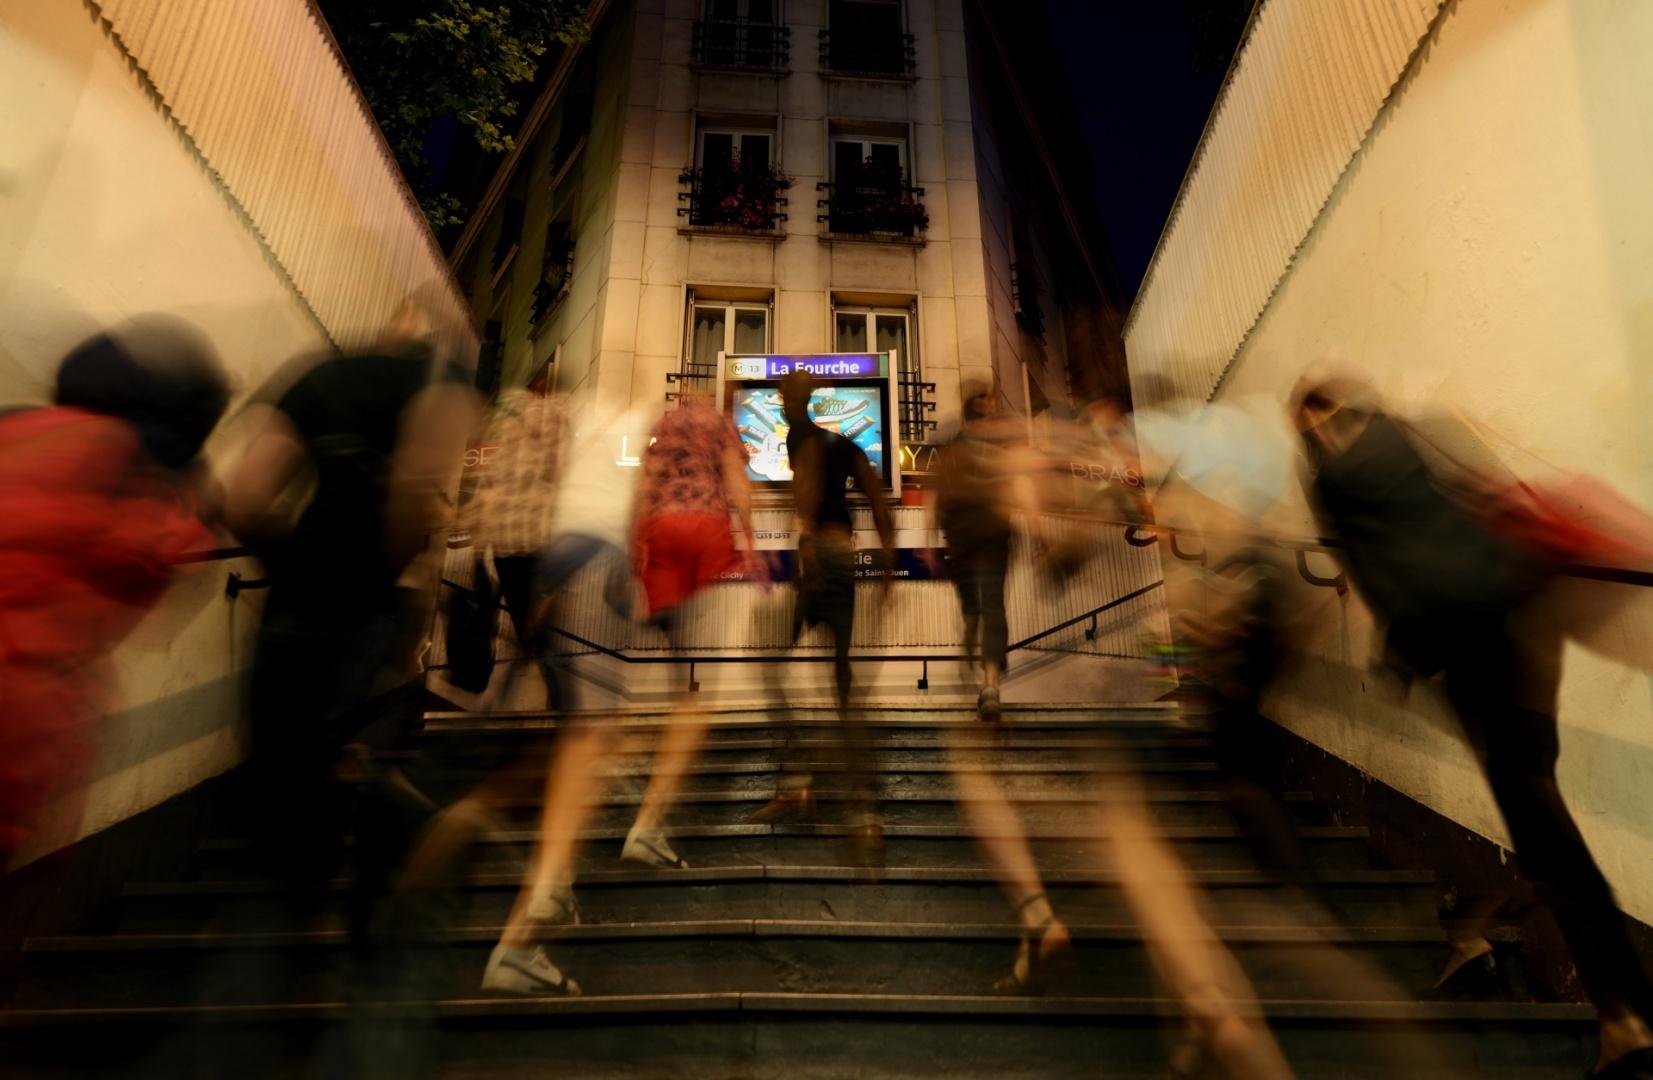 Arte Digital/Metro La Fourche 21h53